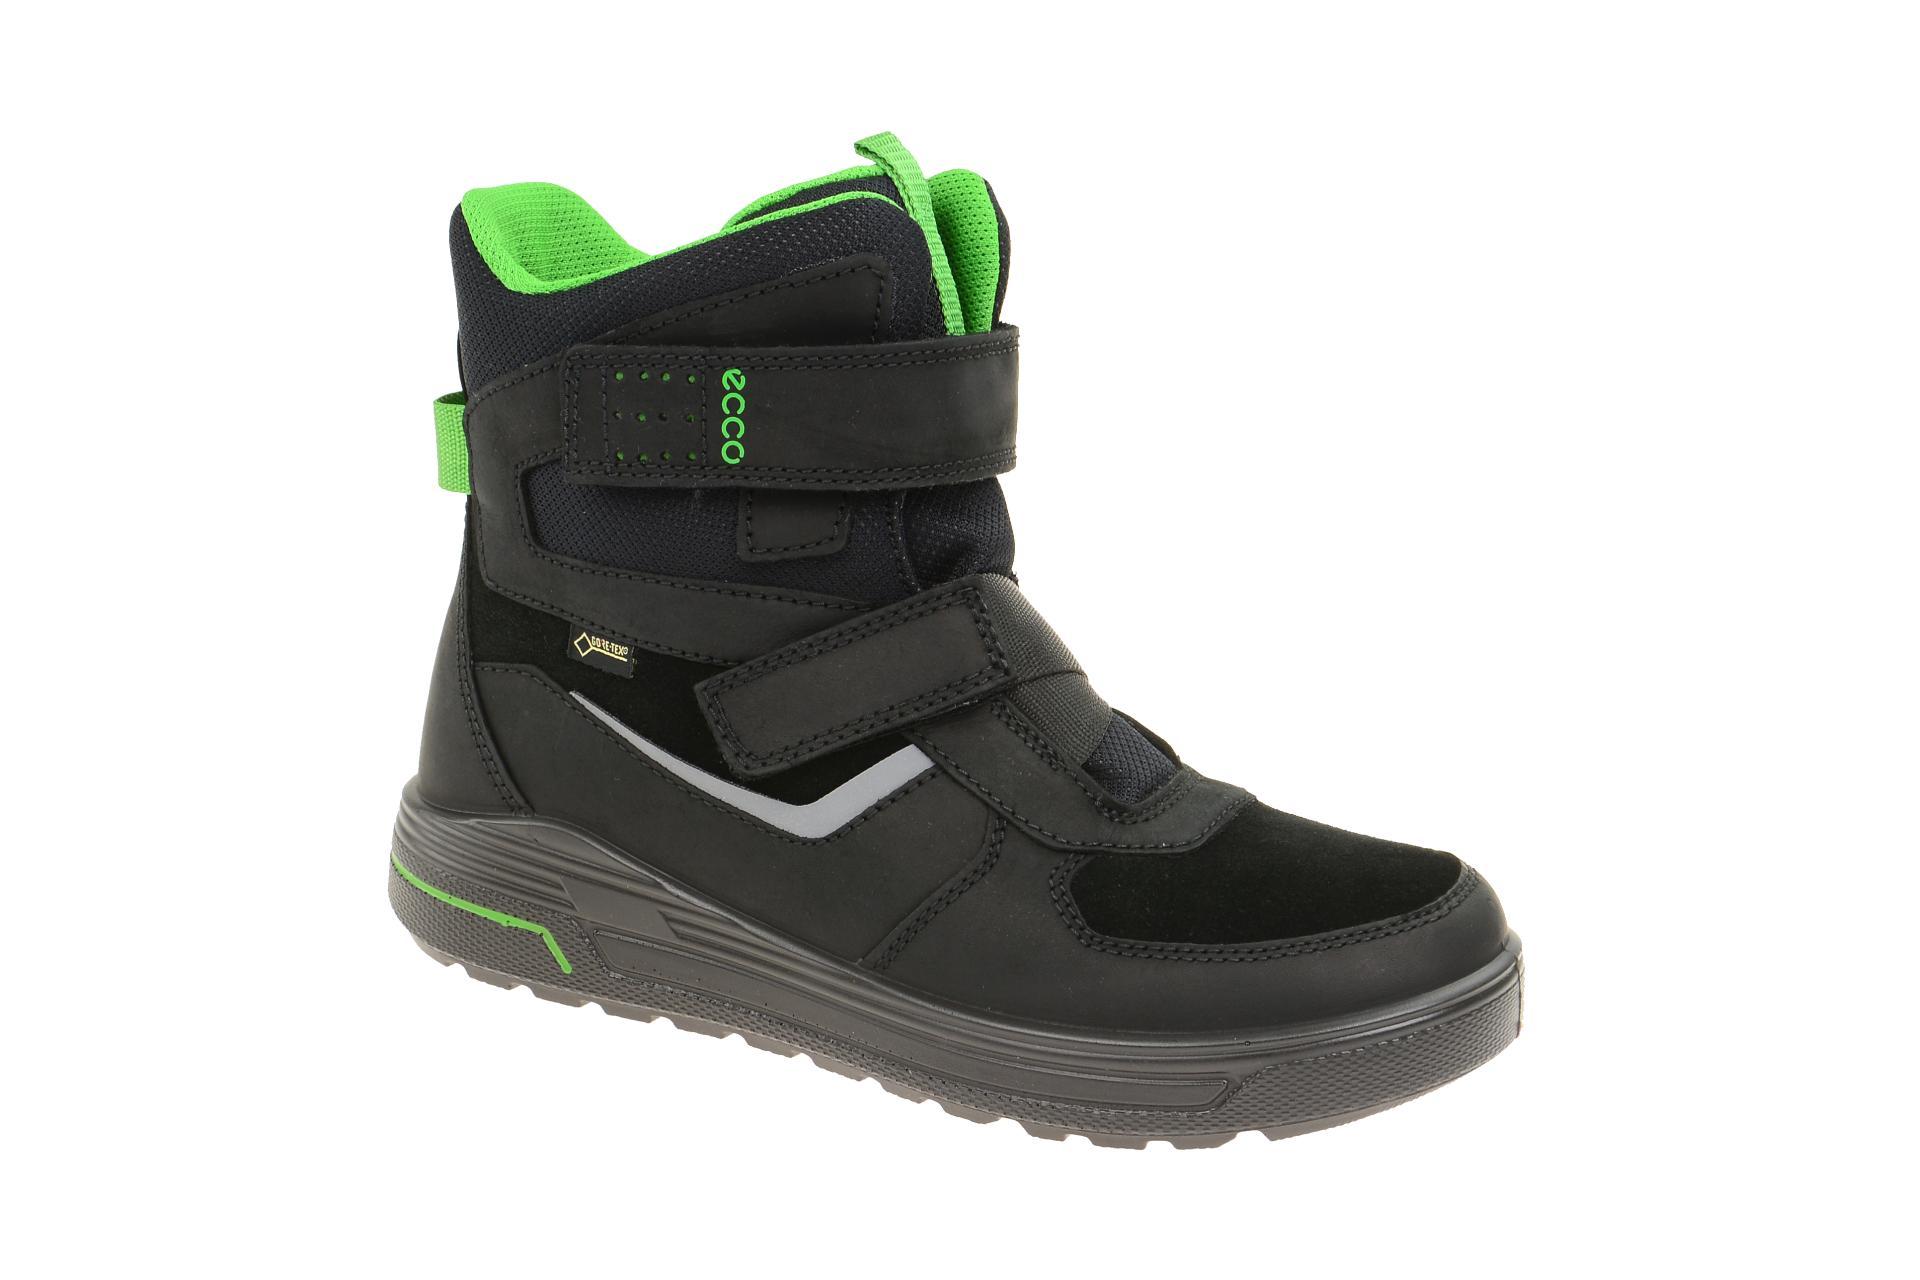 newest ae0c6 36896 Ecco Kinder Stiefel Urban Snowboarder schwarz Gore-Tex